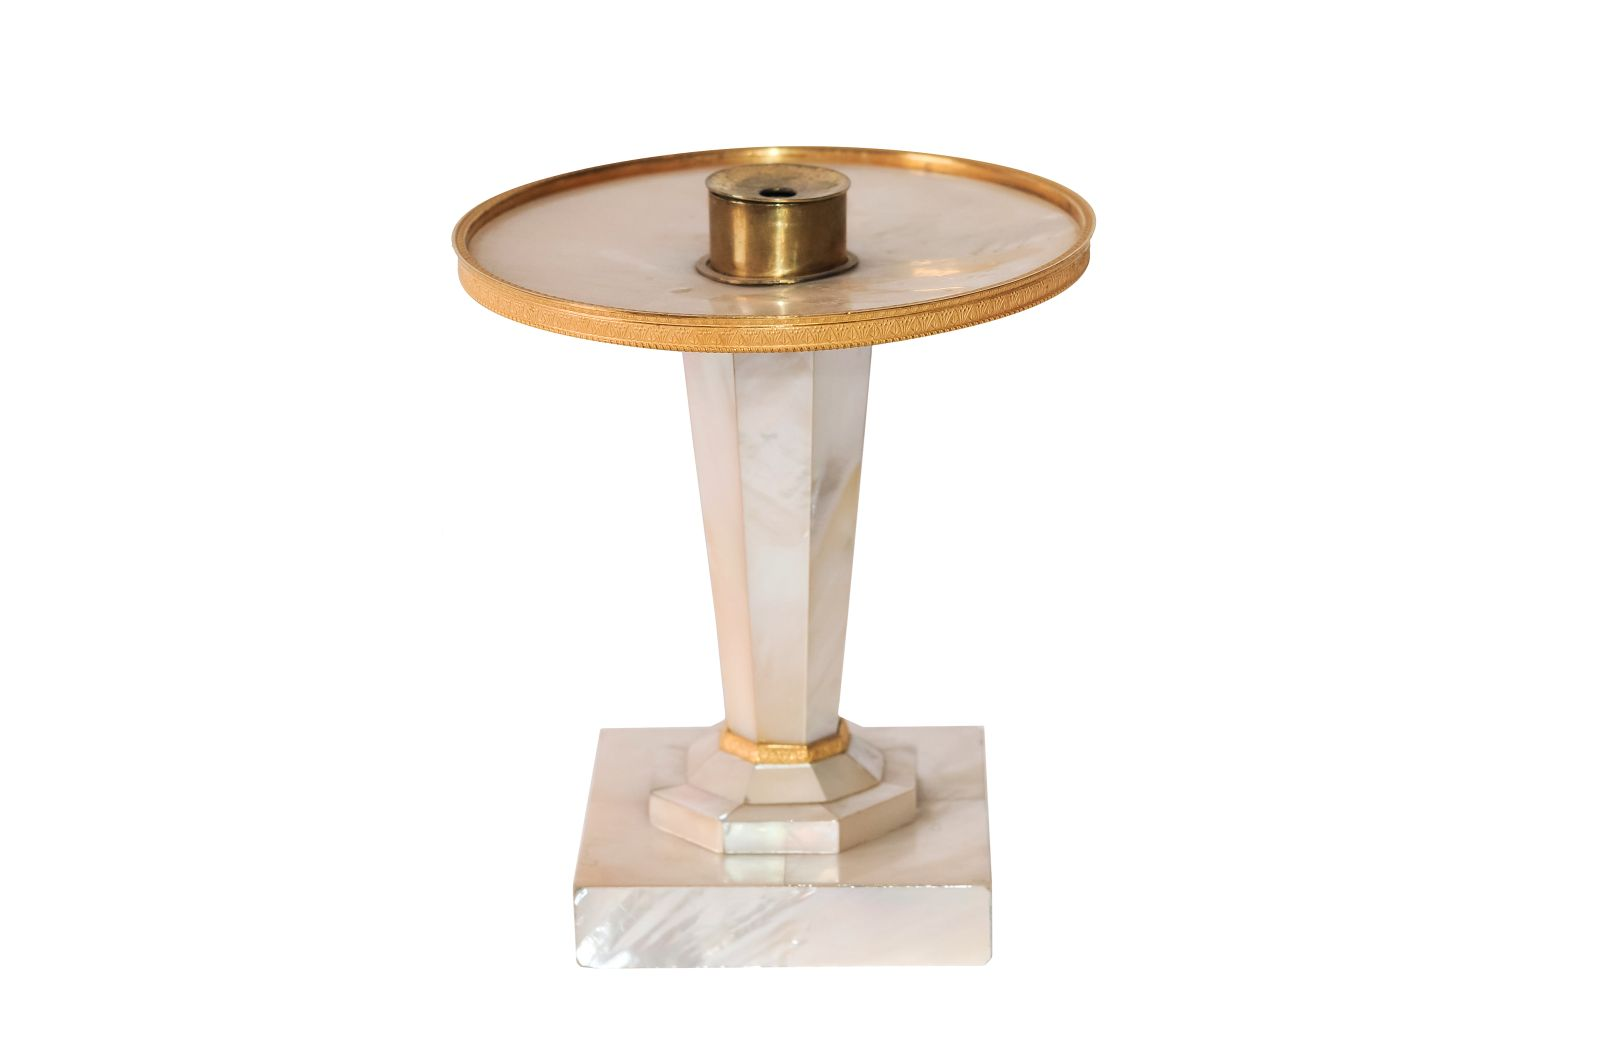 #133 Nacre oil lamp Vienna around 1830| Perlmutt-Öllampe Wien um 1830 Image